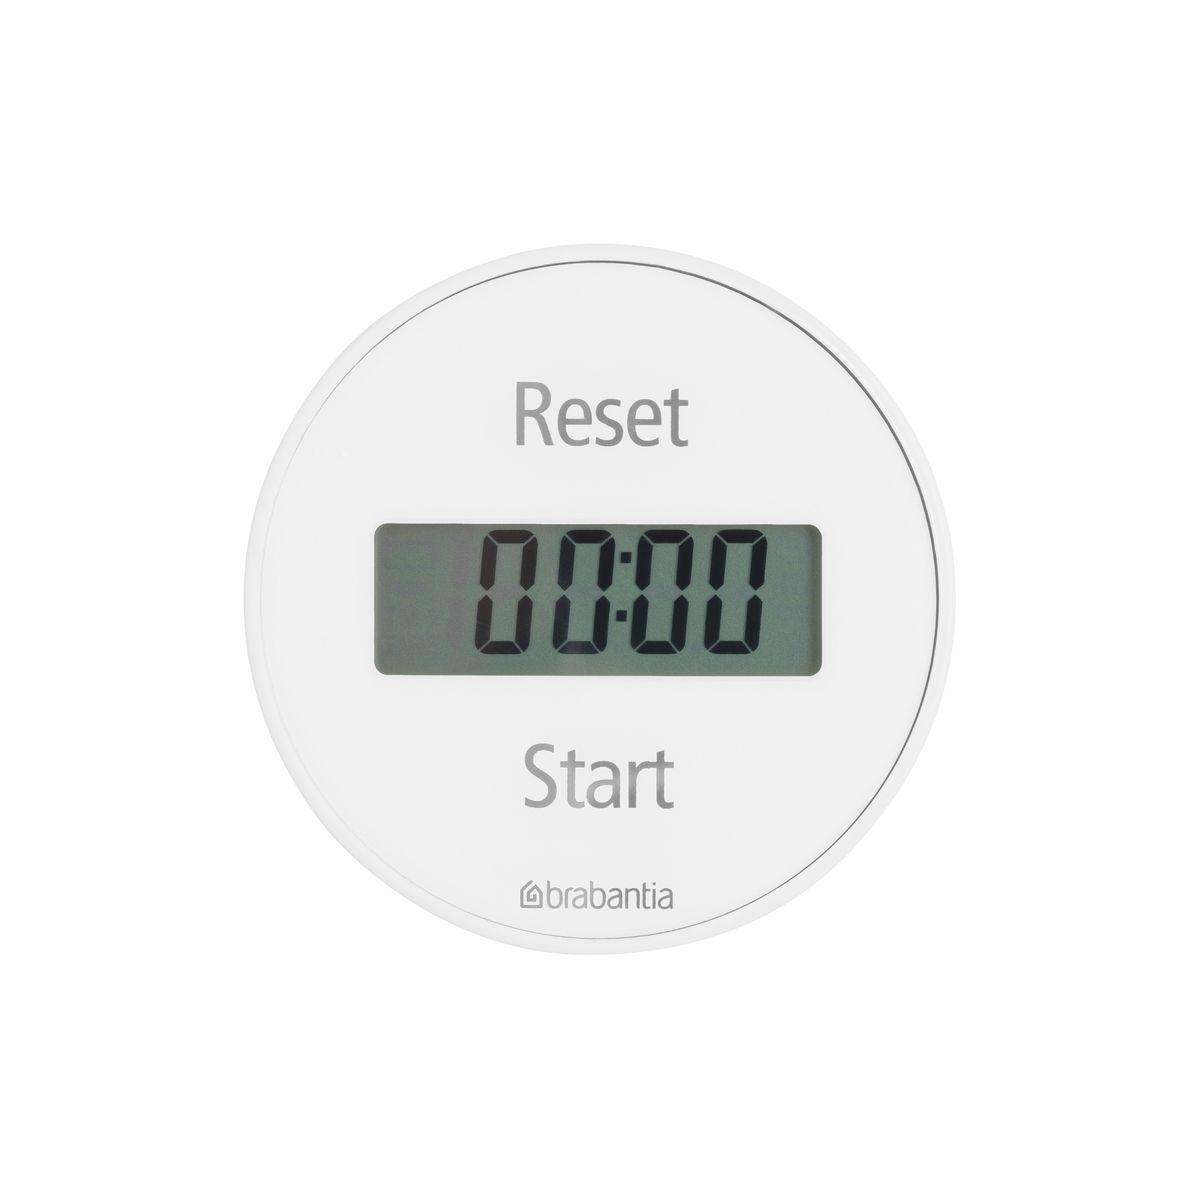 Кухонный таймер Brabantia Tasty Colours103681Кухонный таймер на магните с прямым и обратным отсчетом в диапазоне до 99 минут. Просто поверните внешнее кольцо прибора для установки времени, необходимого для приготовления вашего любимого блюда. Звуковой сигнал известит вас о готовности.Таймер легко и быстро устанавливается с помощью внешнего кольца - просто поверните;Удобное крепление - на магните;Функция таймера и секундомера;В комплект входит батарея CR2032;5-летняя гарантия Brabantia.